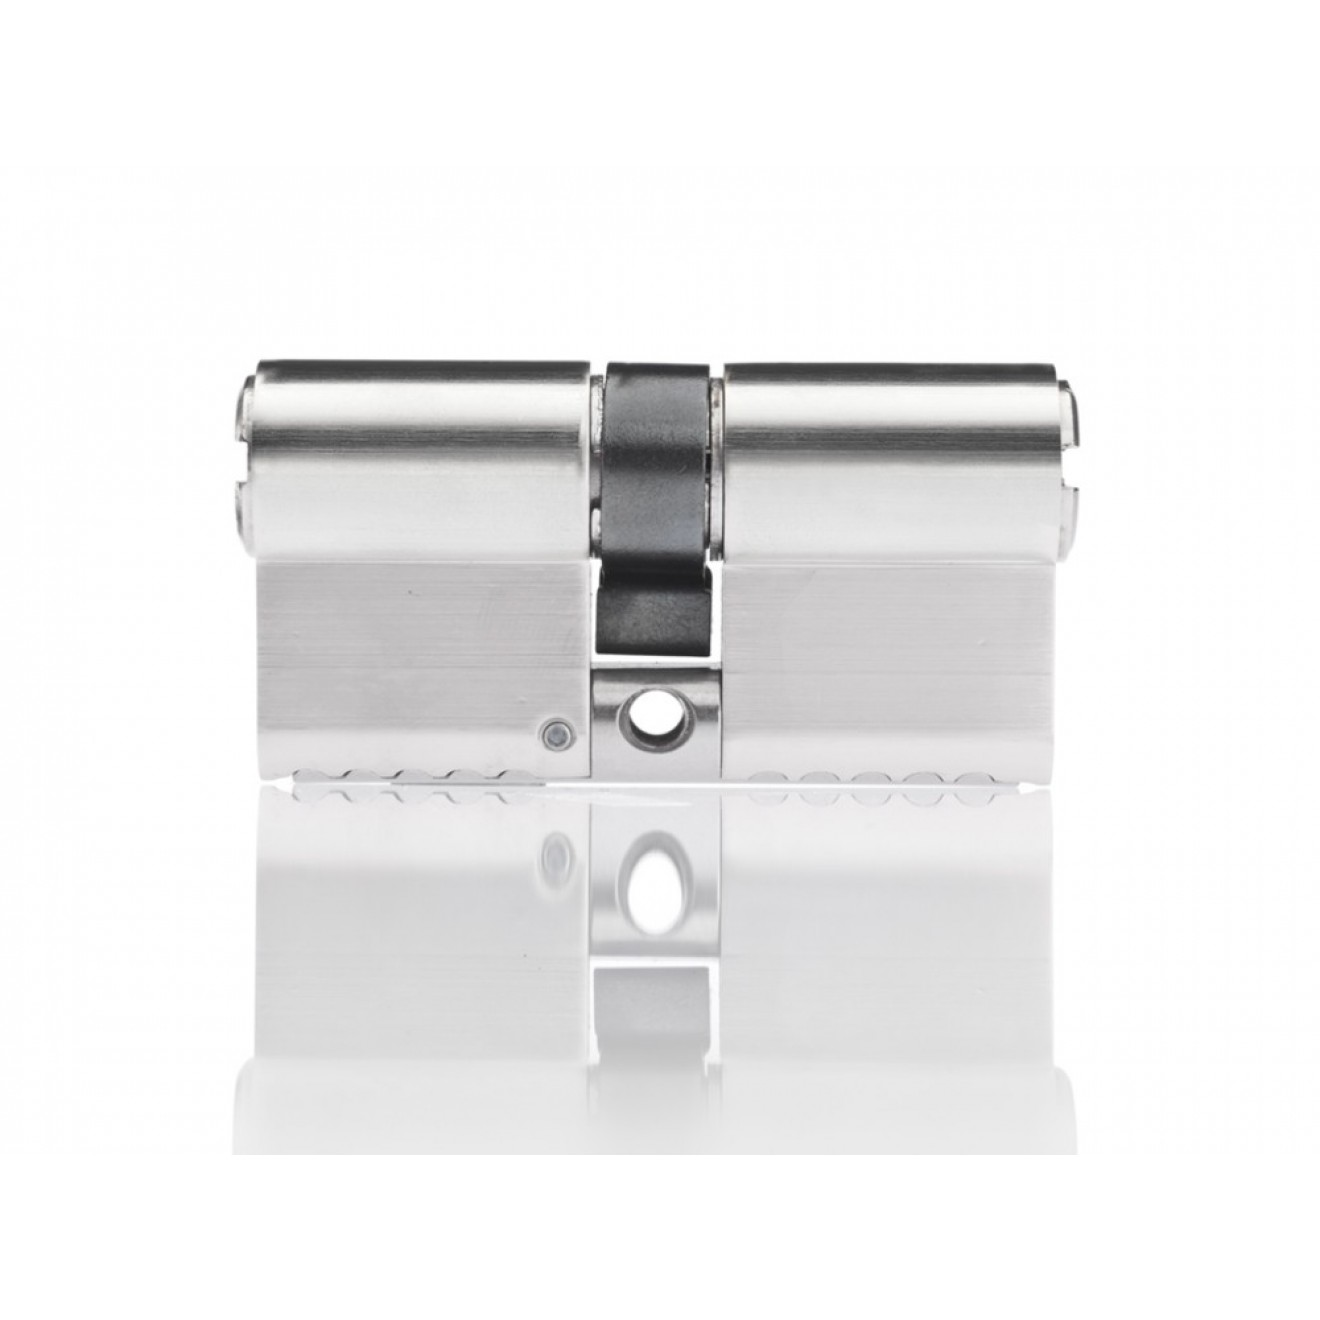 ix saturn schlie zylinder mit schl sseln und sicherungskarte. Black Bedroom Furniture Sets. Home Design Ideas